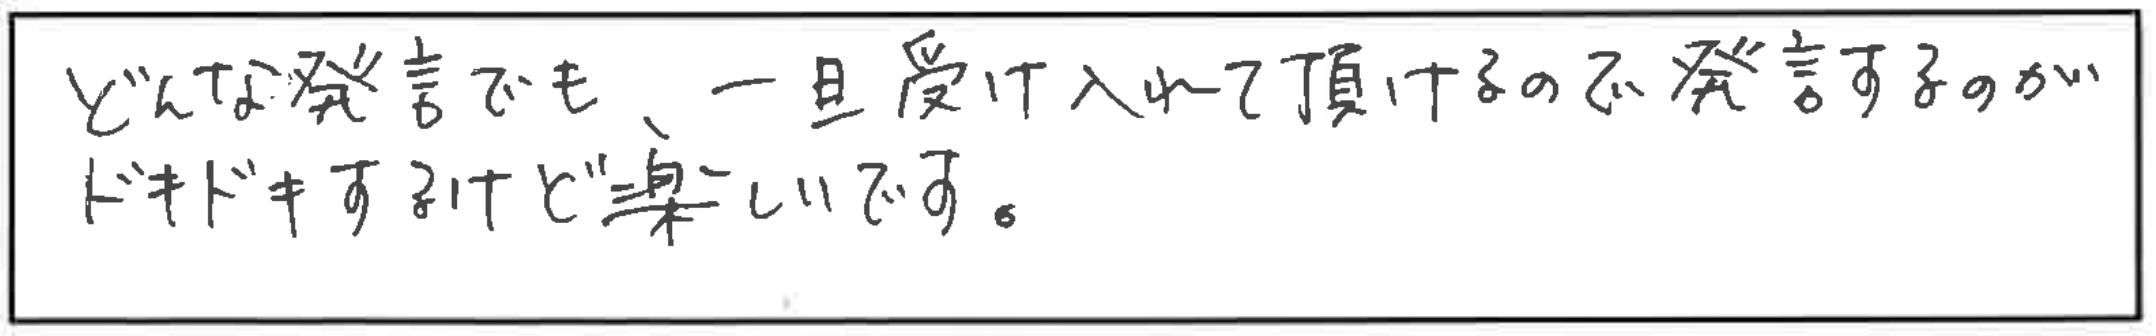 吉澤塾 半年コースの参加者の声画像171